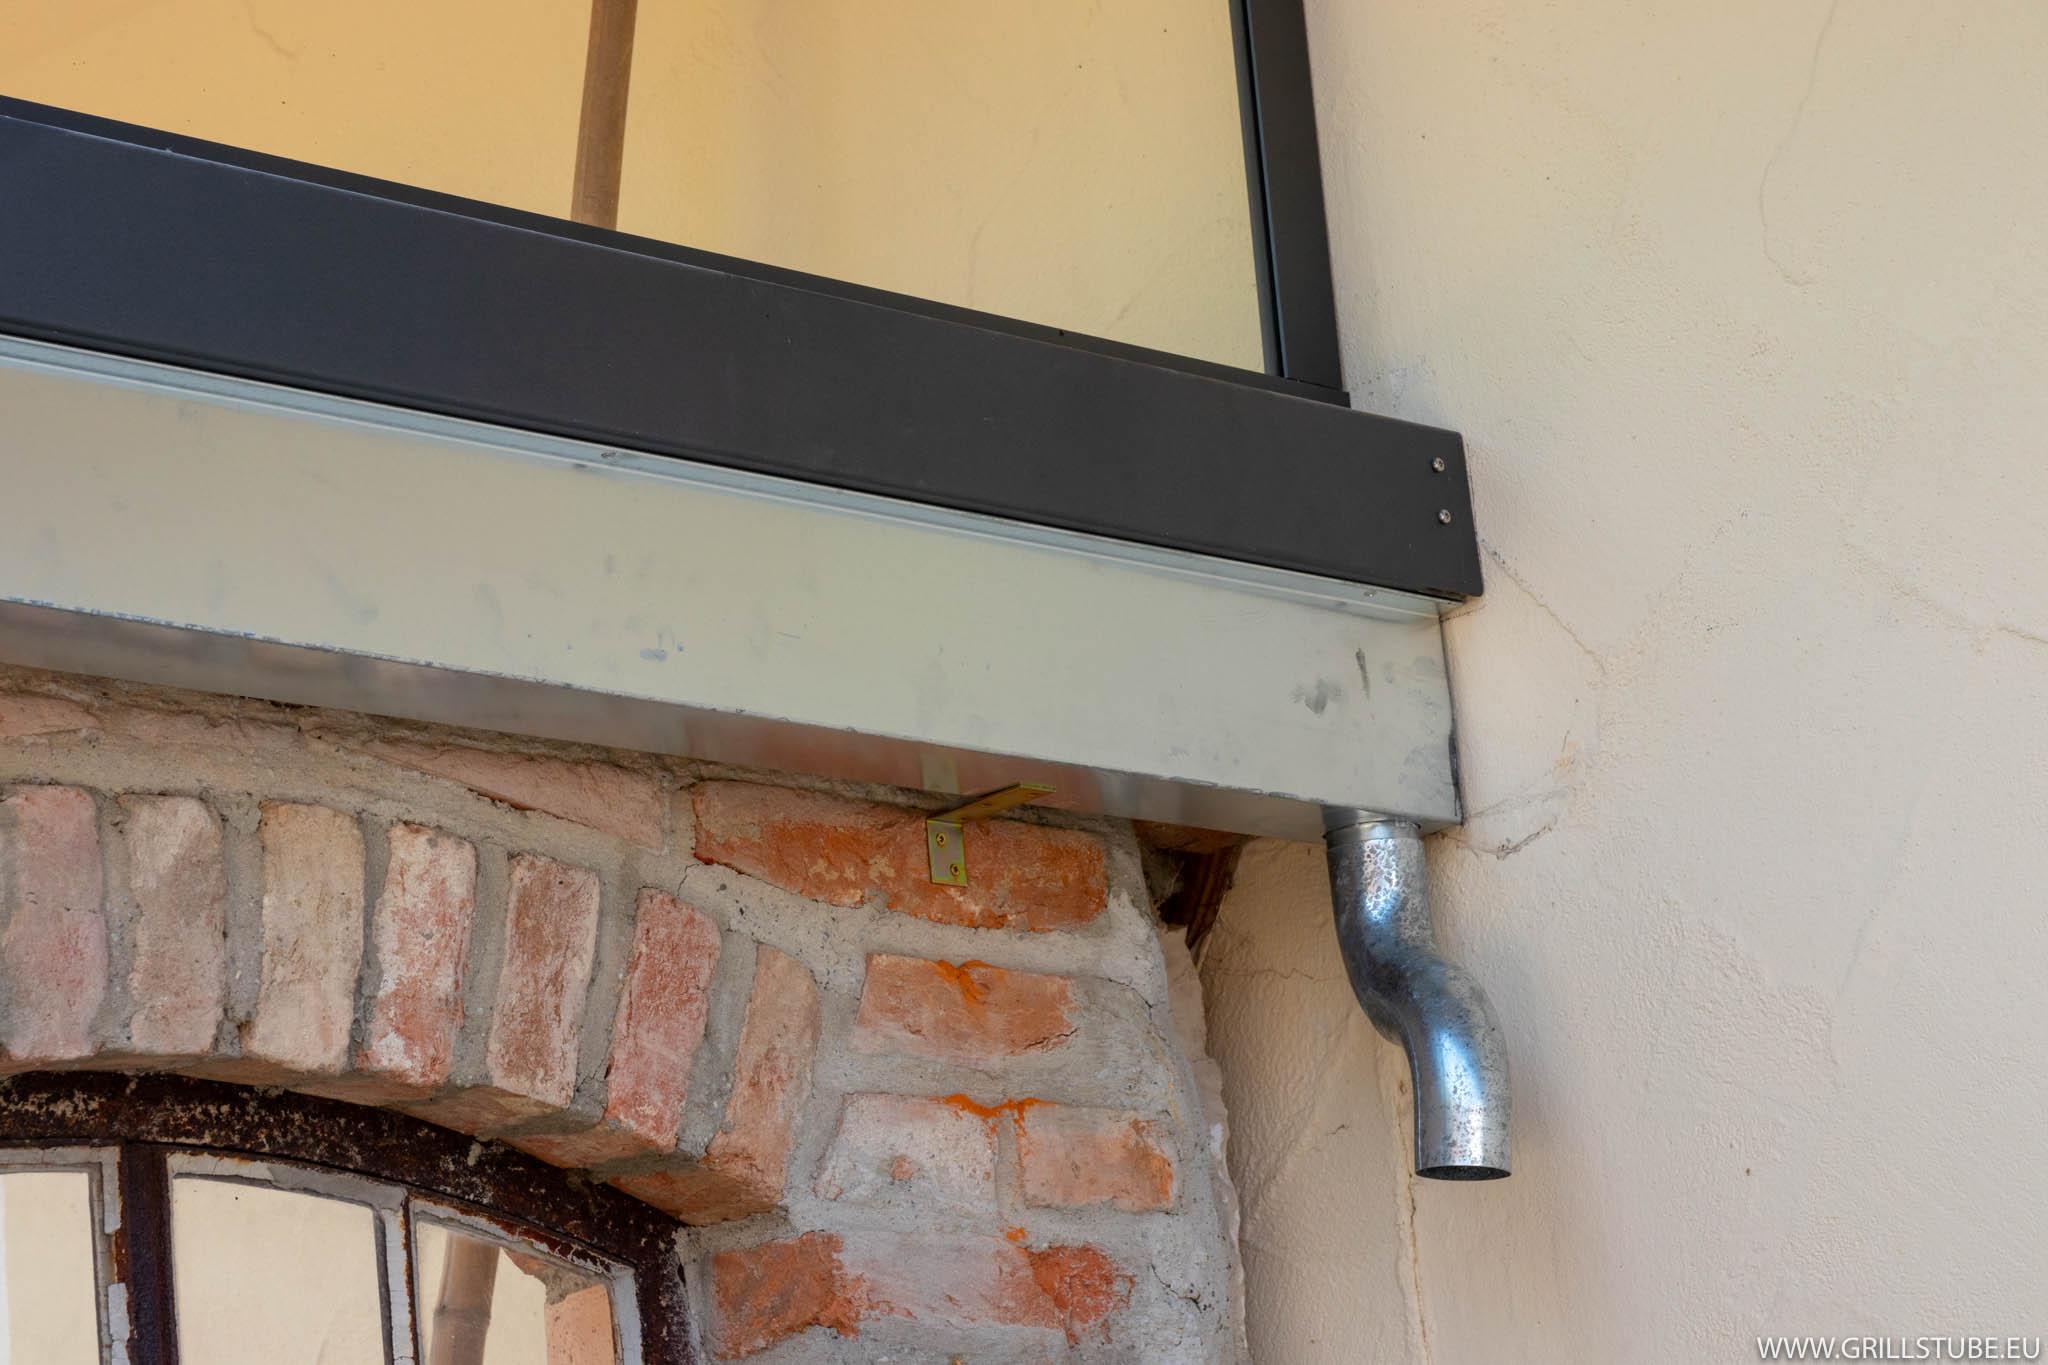 Outdoor Küche Steinmauer : Outdoorküche spenglerarbeiten regenschutz andys grillstube